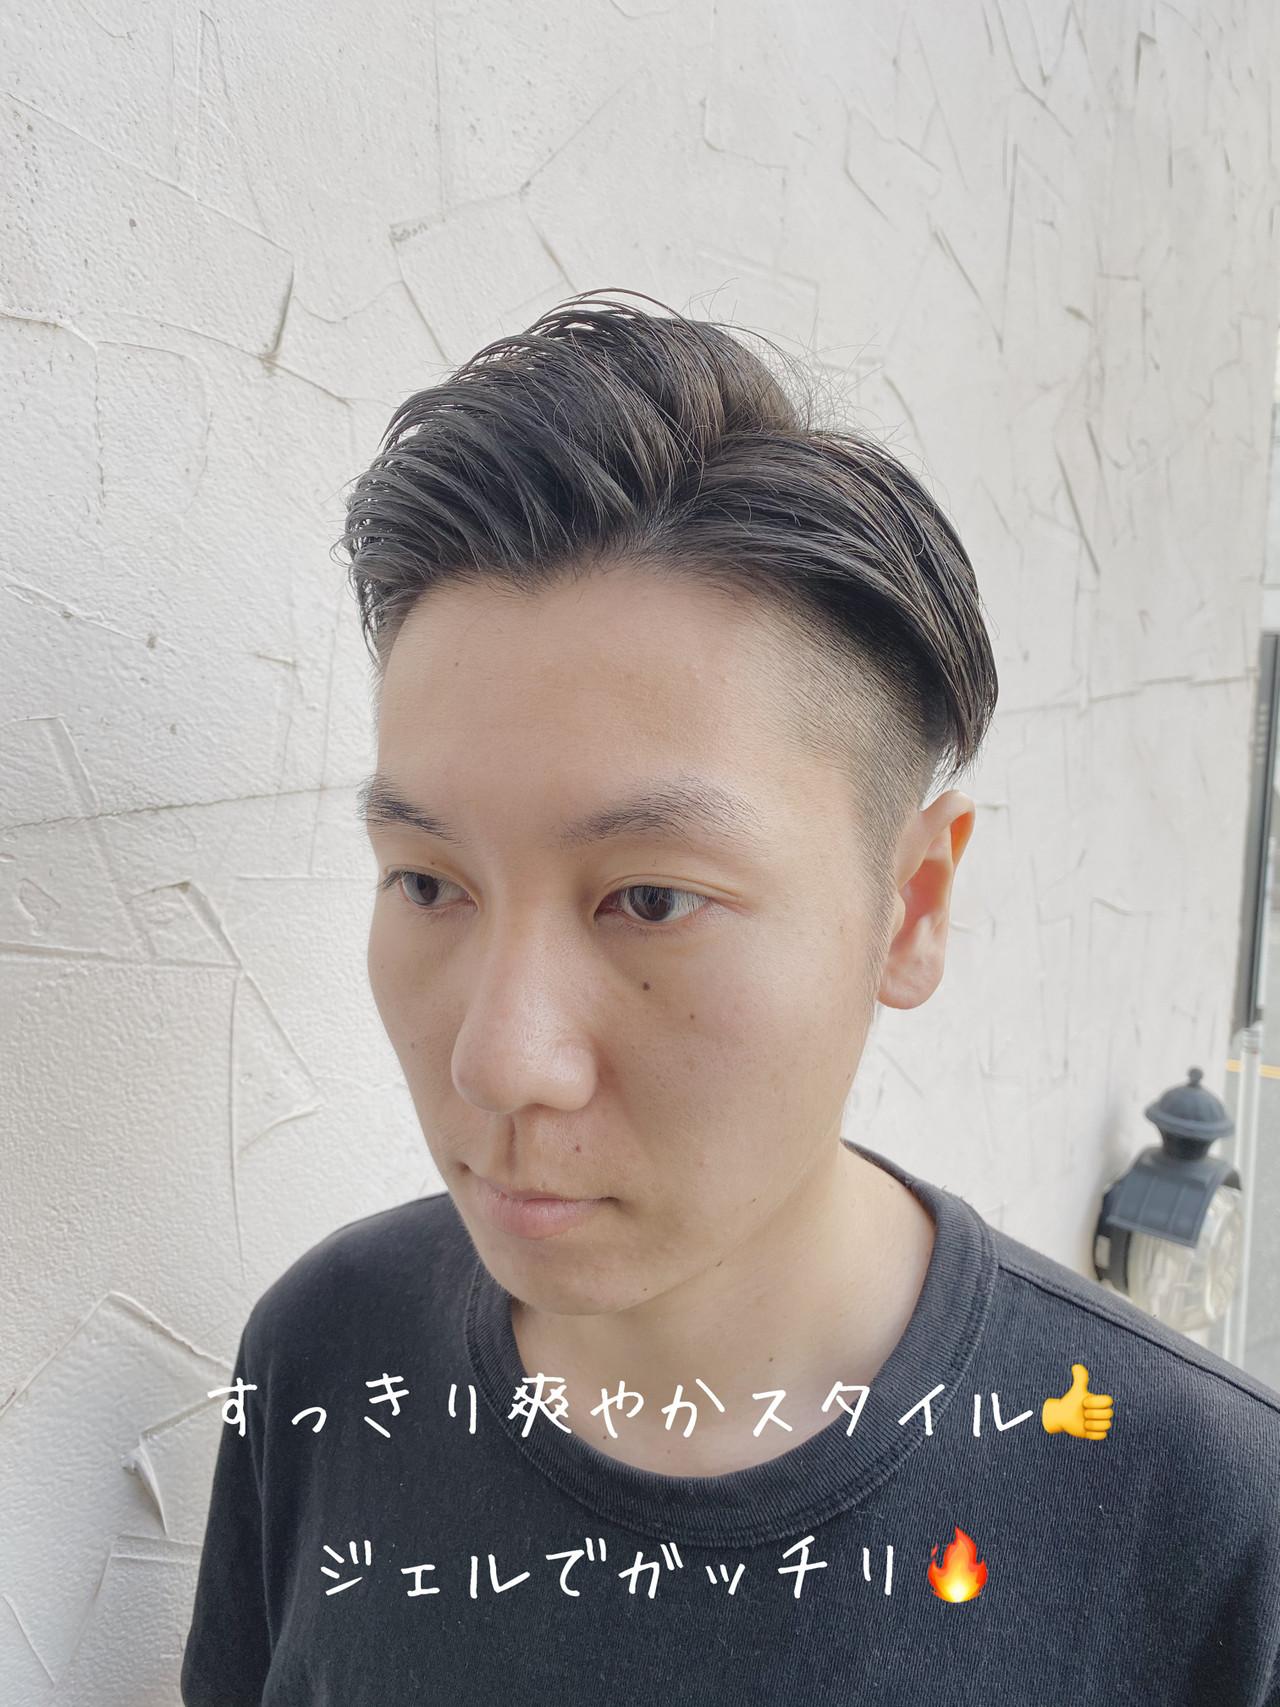 ショート 刈り上げ ナチュラル メンズカット ヘアスタイルや髪型の写真・画像